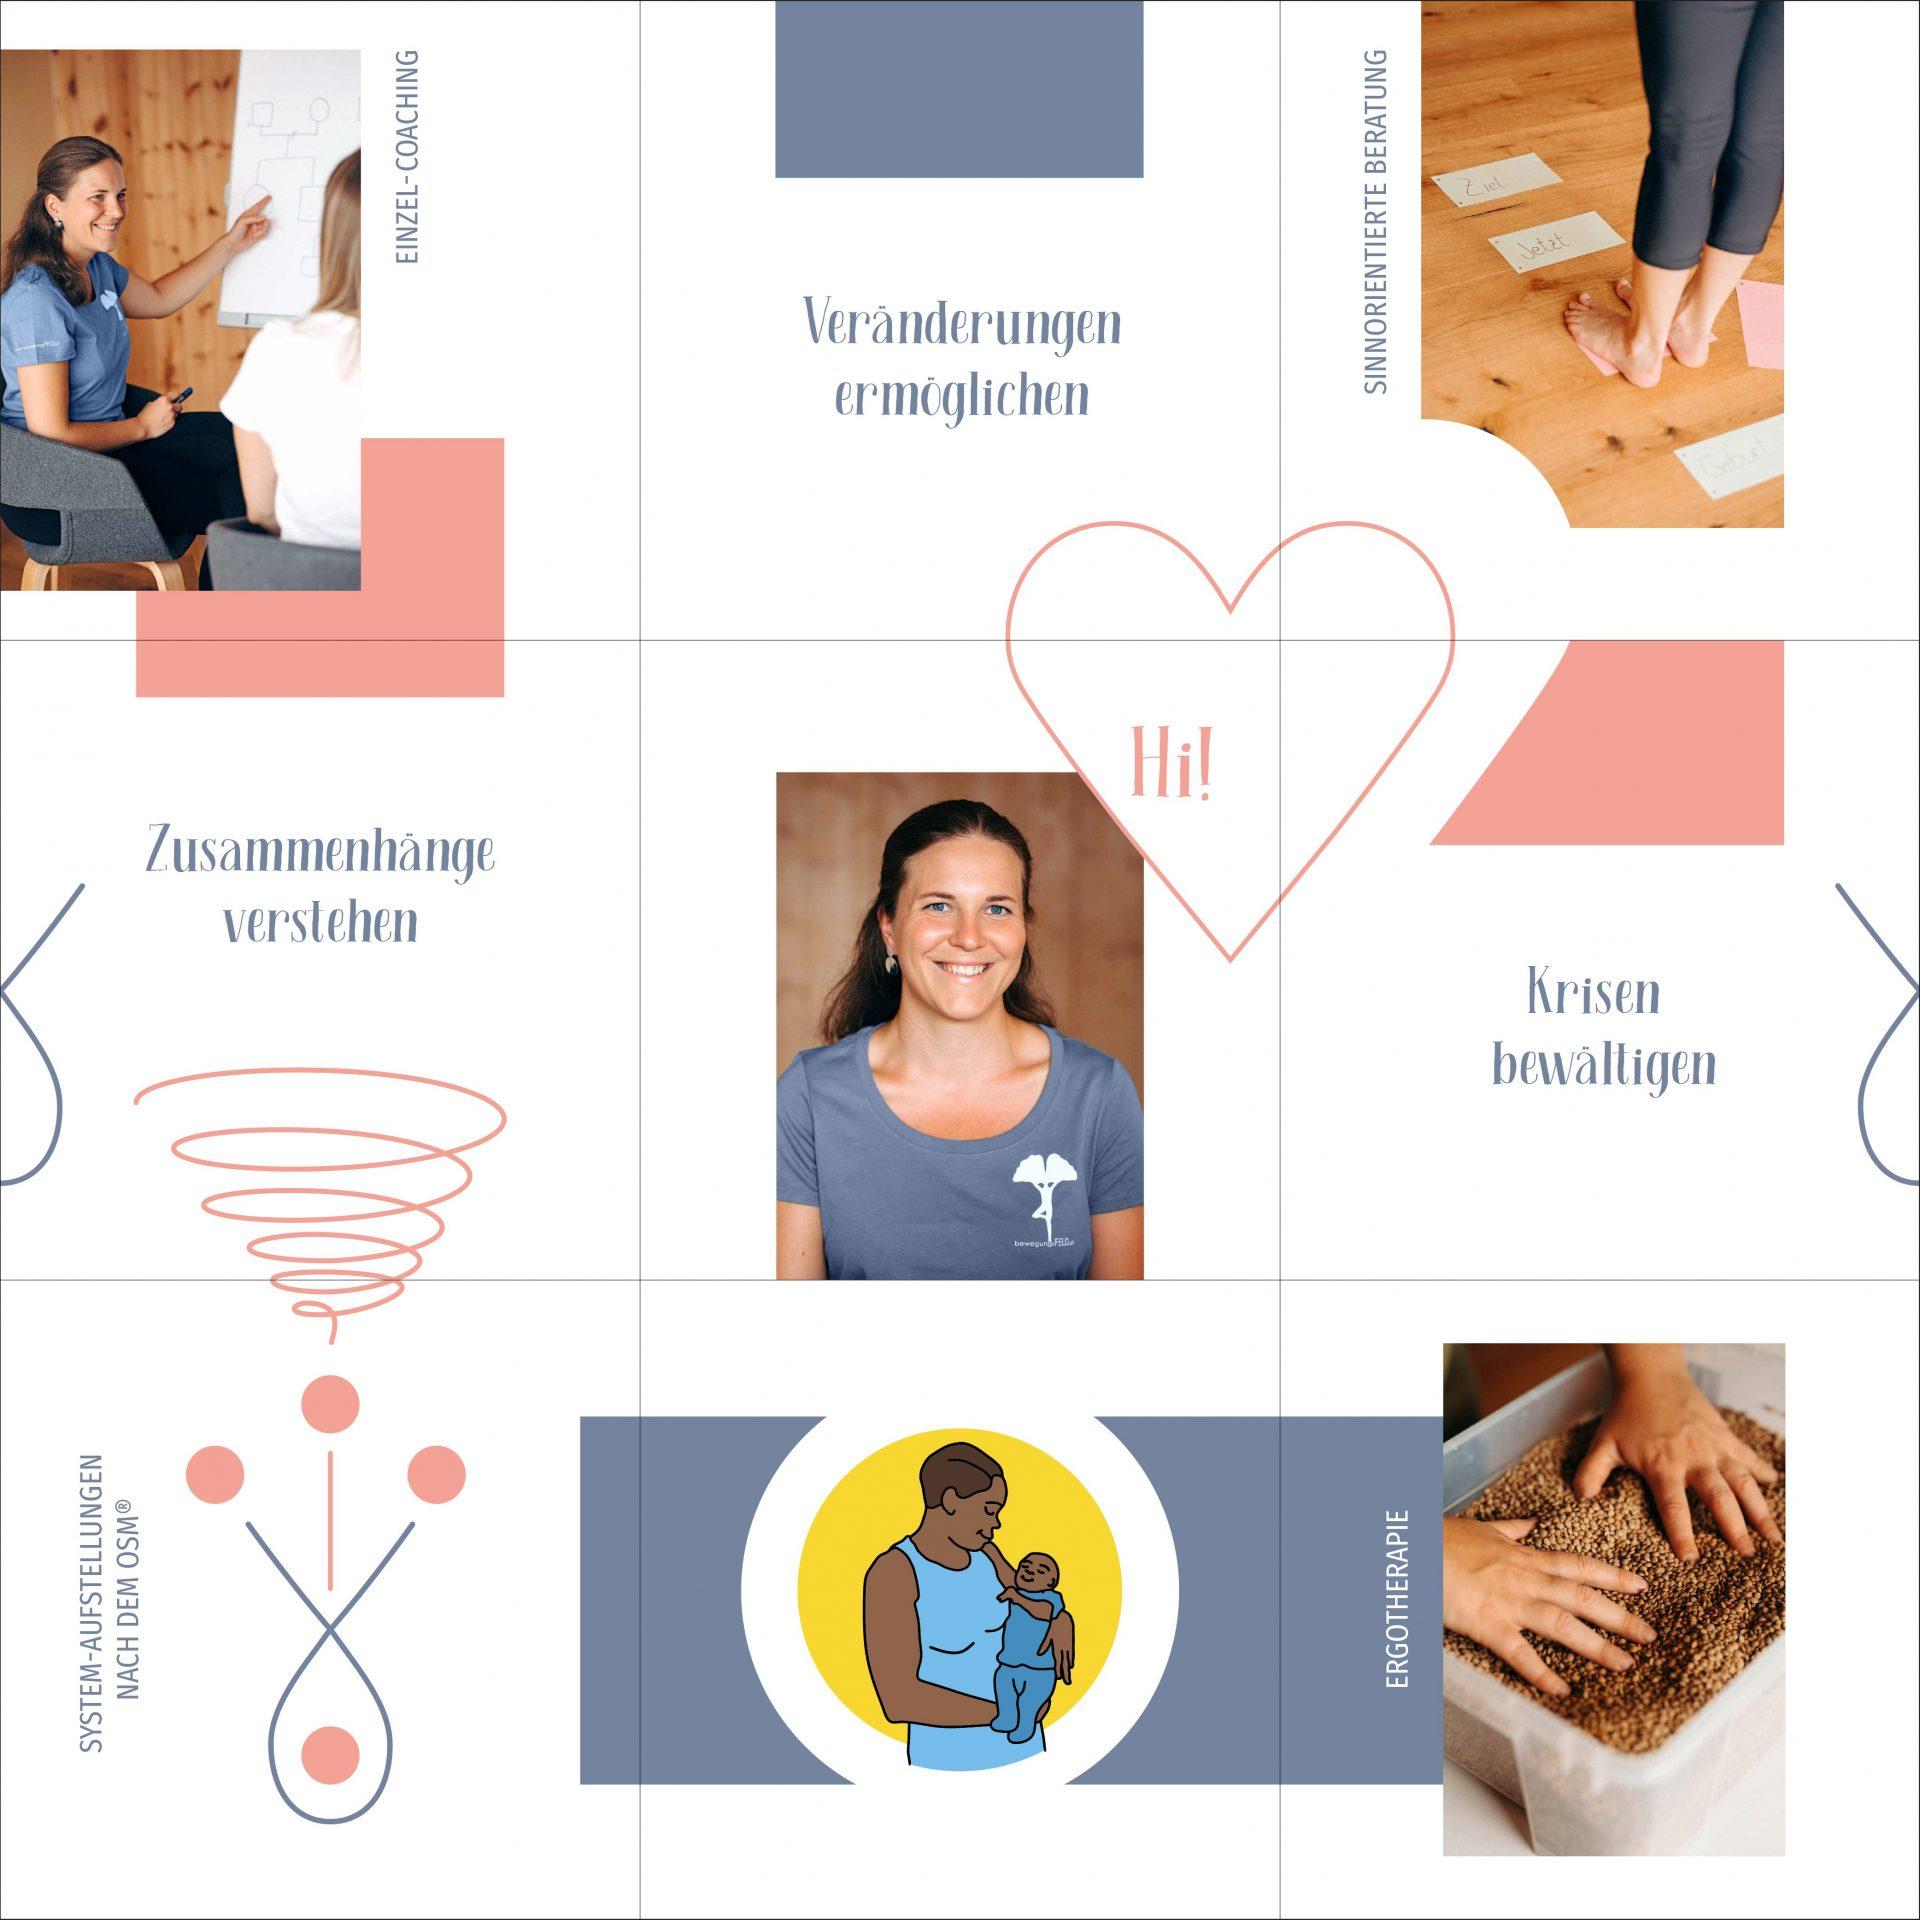 instagram feed bilder für claudia patka, verschiedene grafiken, fotos & schlagwörter zu den themen coaching, ergotherapie, aufstellungen